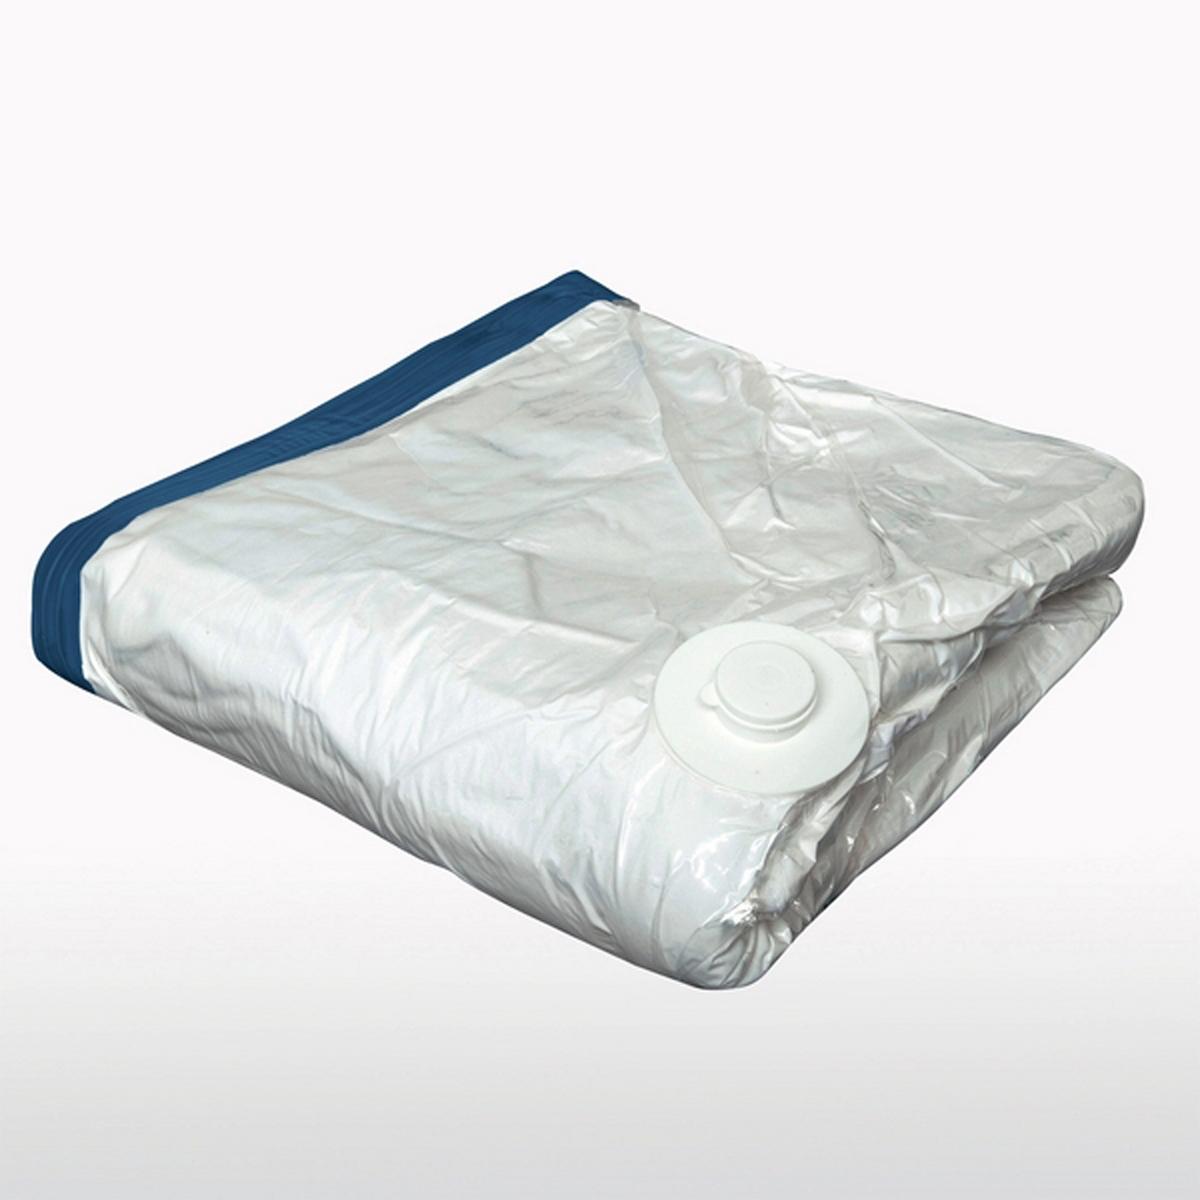 2 вакуумных чехла, Ш.90 x В.110 смКомплект из 2 вакуумных чехлов для подушек или лыжных комбинезонов позволяет экономить до 75% места! Из прозрачного пластика, с обработкой от клещей.Характеристики чехла для подушек или лыжных комбинезонов :Из прозрачного пластика.Герметичный чехол, с обработкой от пыли.Описание чехла для подушек или лыжных комбинезонов :Вакуум создается пылесосом через клапан в верхней части чехла.Застежка на молнию.В комплекте защитный пластиковый чехол. Размеры :Ш.90 x В.110 см<br><br>Цвет: белый<br>Размер: единый размер